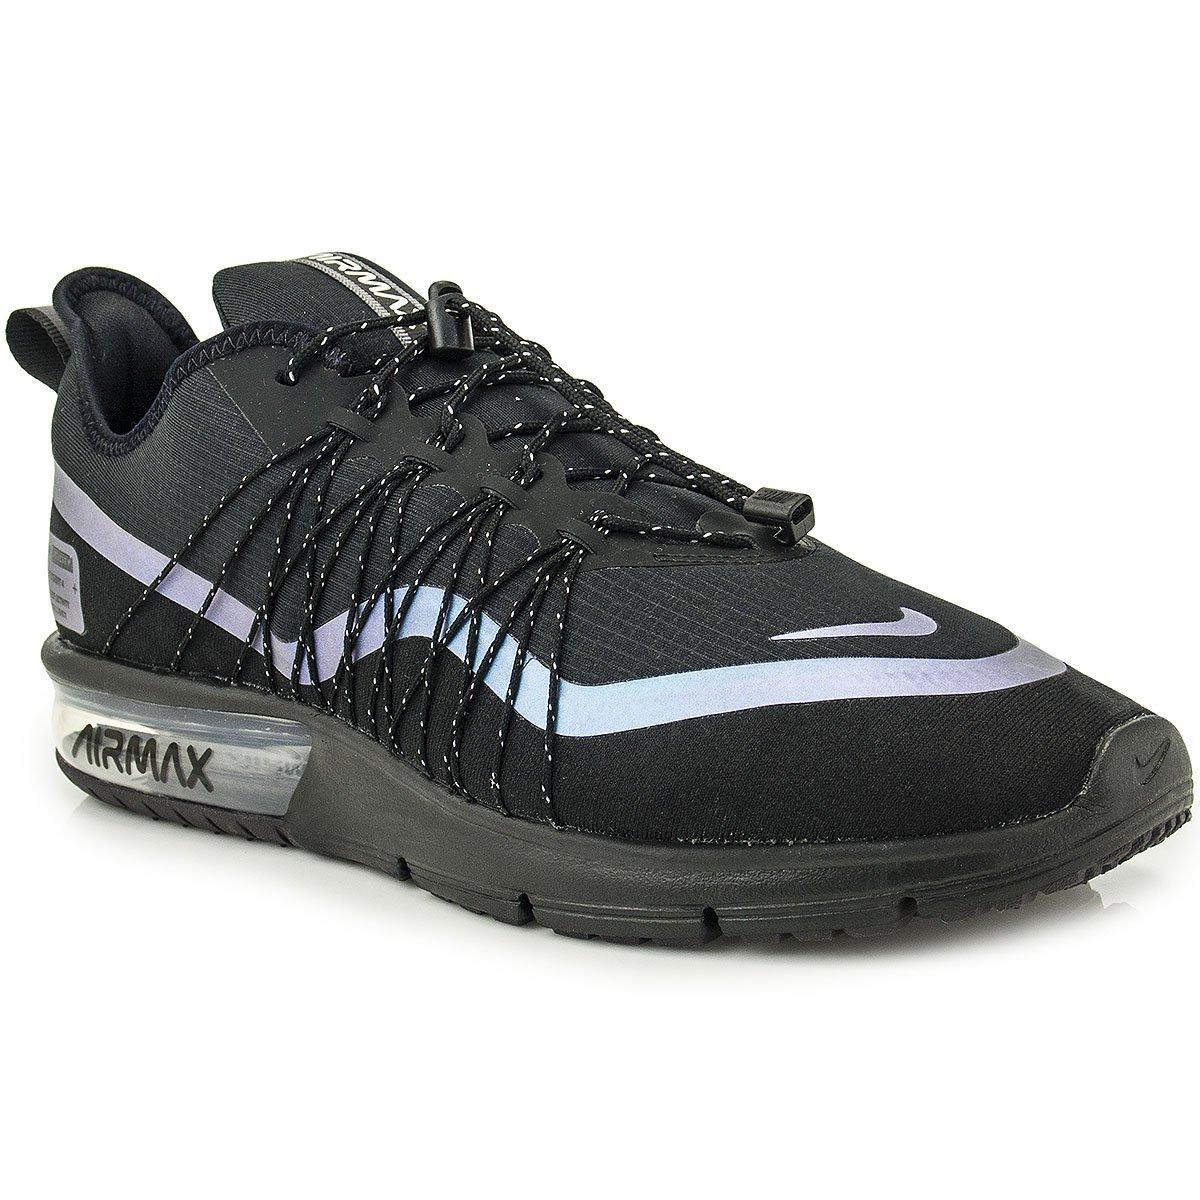 91d851acc0d Tênis Nike Air Max Sequent 4 Utility